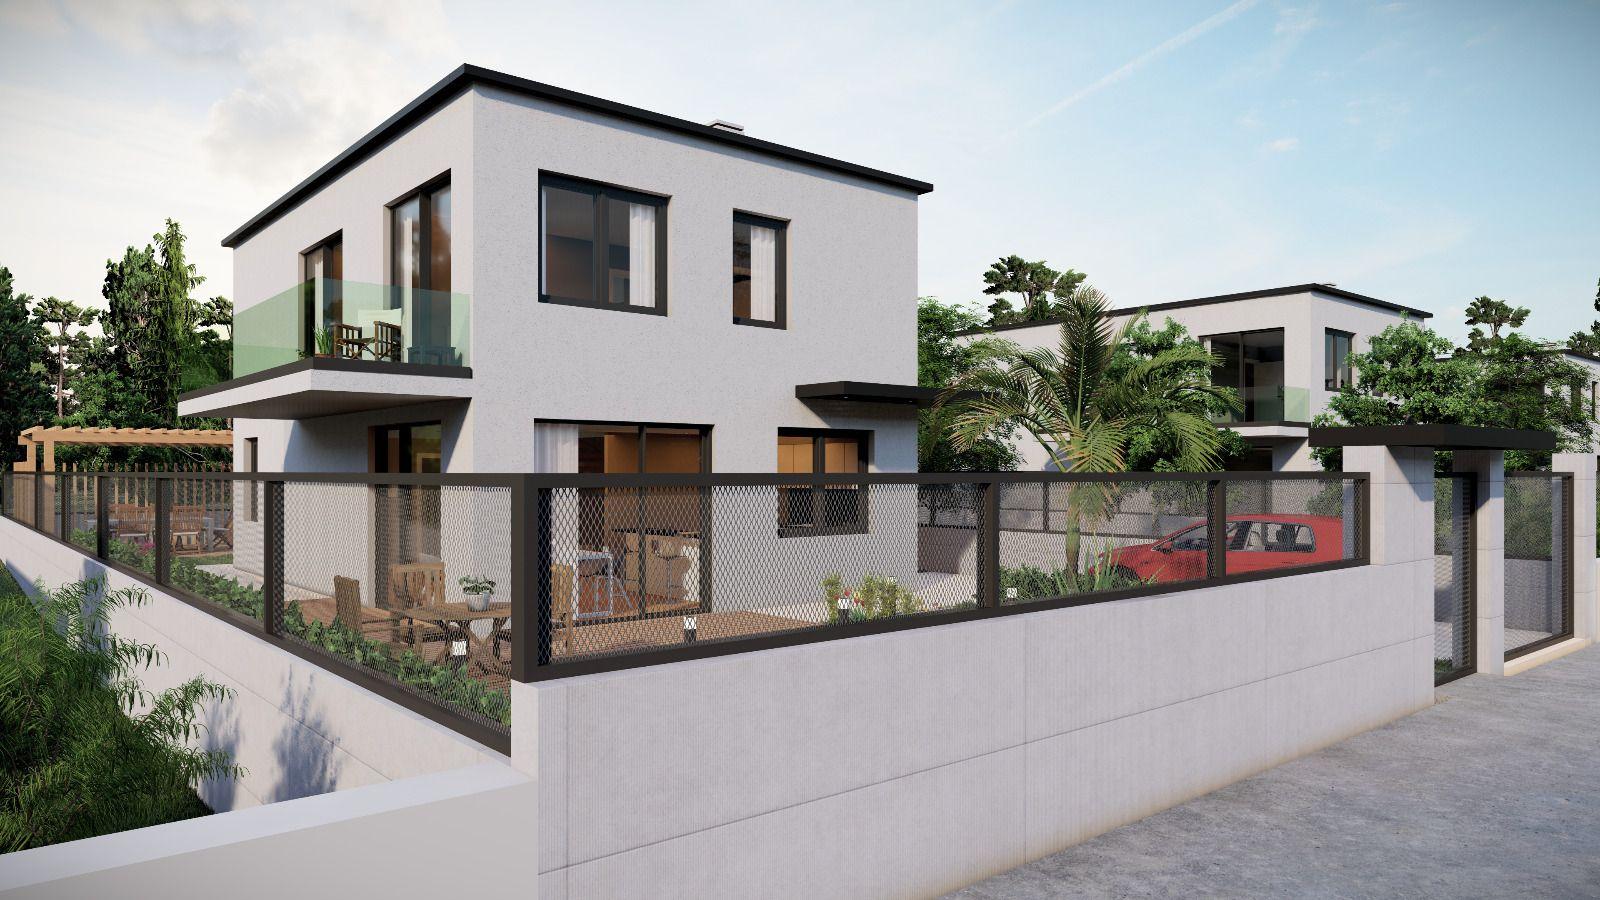 Modelos de chalés y pisos que diseña Arco da Vella, con luz y espacios al aire libre.jpeg